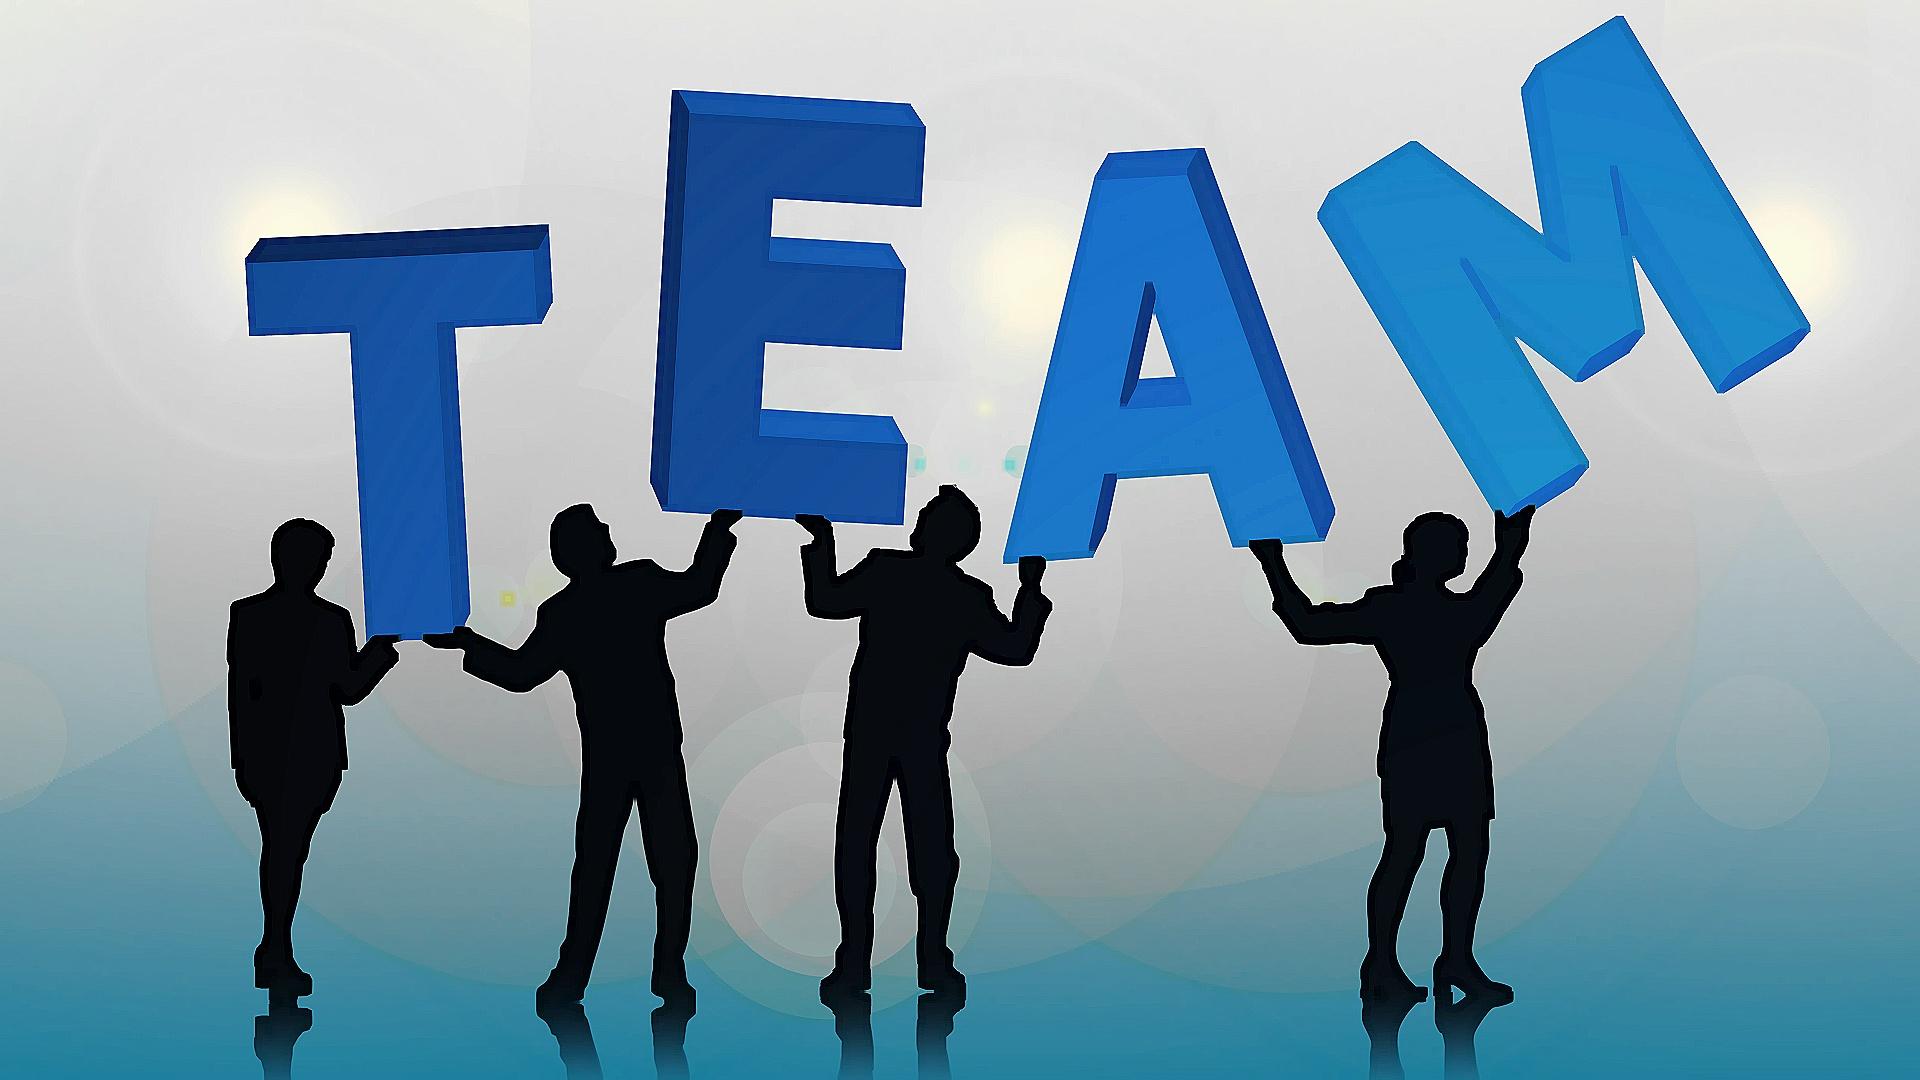 Tinusaur - Our Team